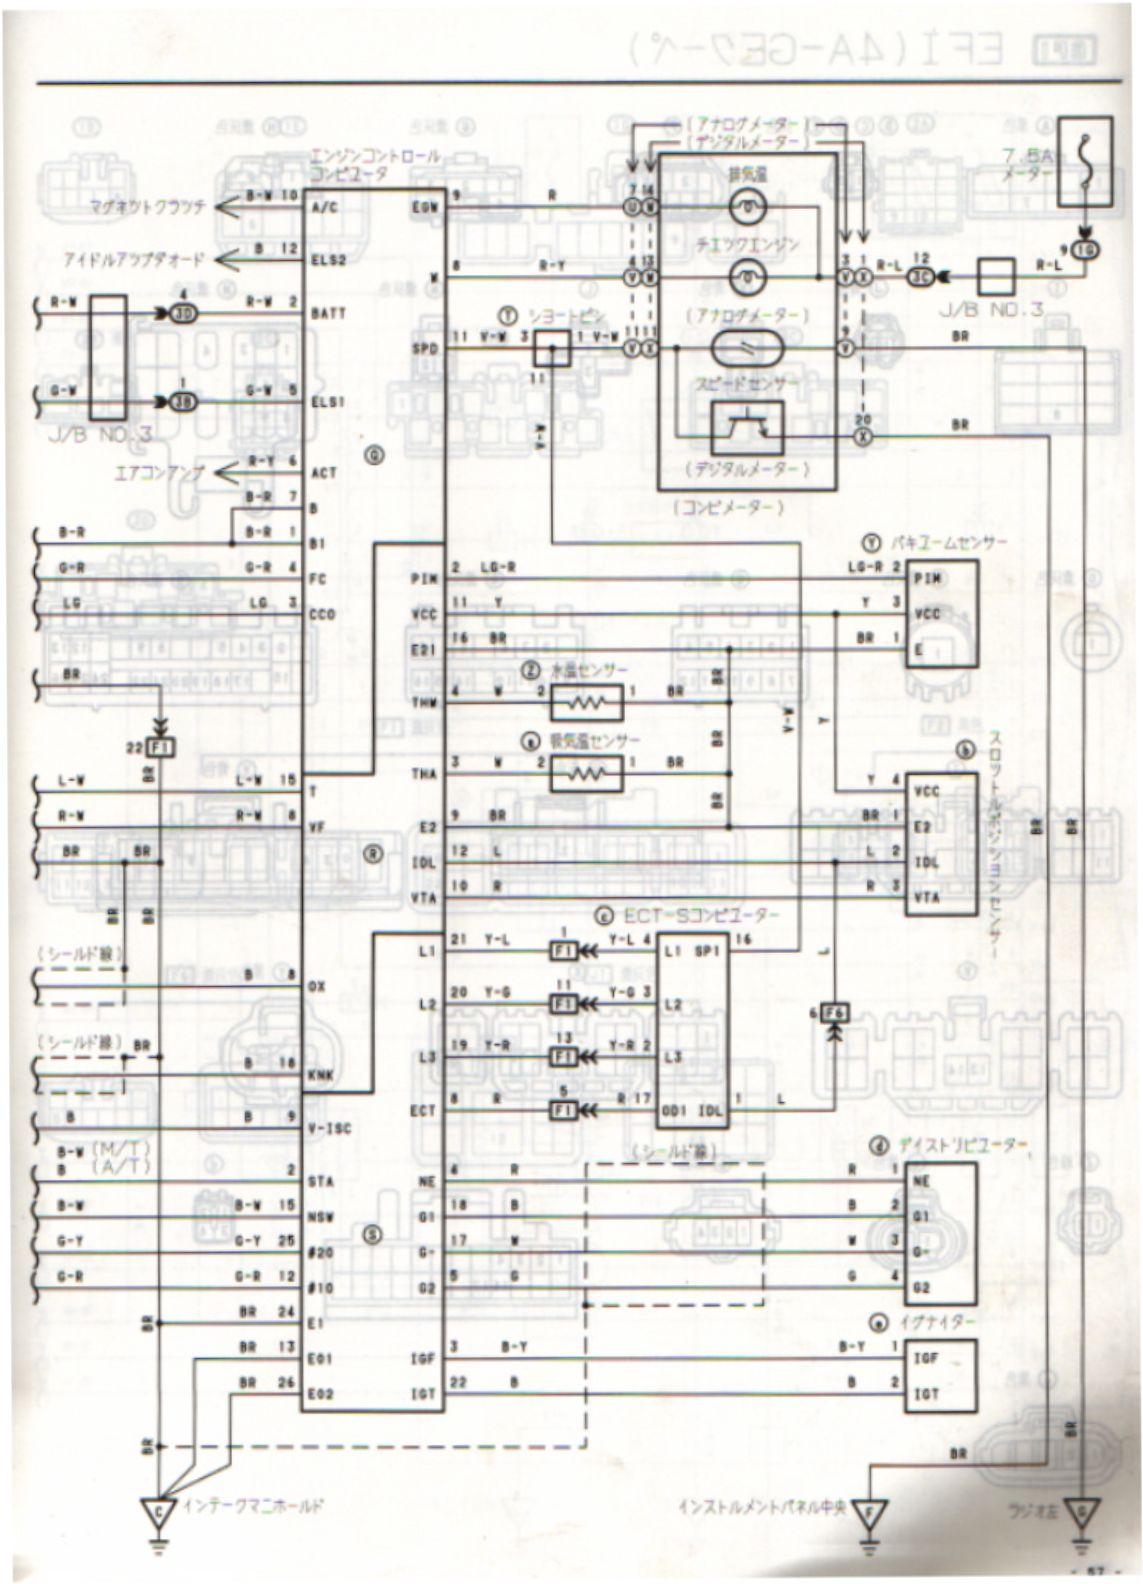 4age 20v distributor wiring diagram 2001 nissan xterra radio ecu 1990 91 ae92 4a ge